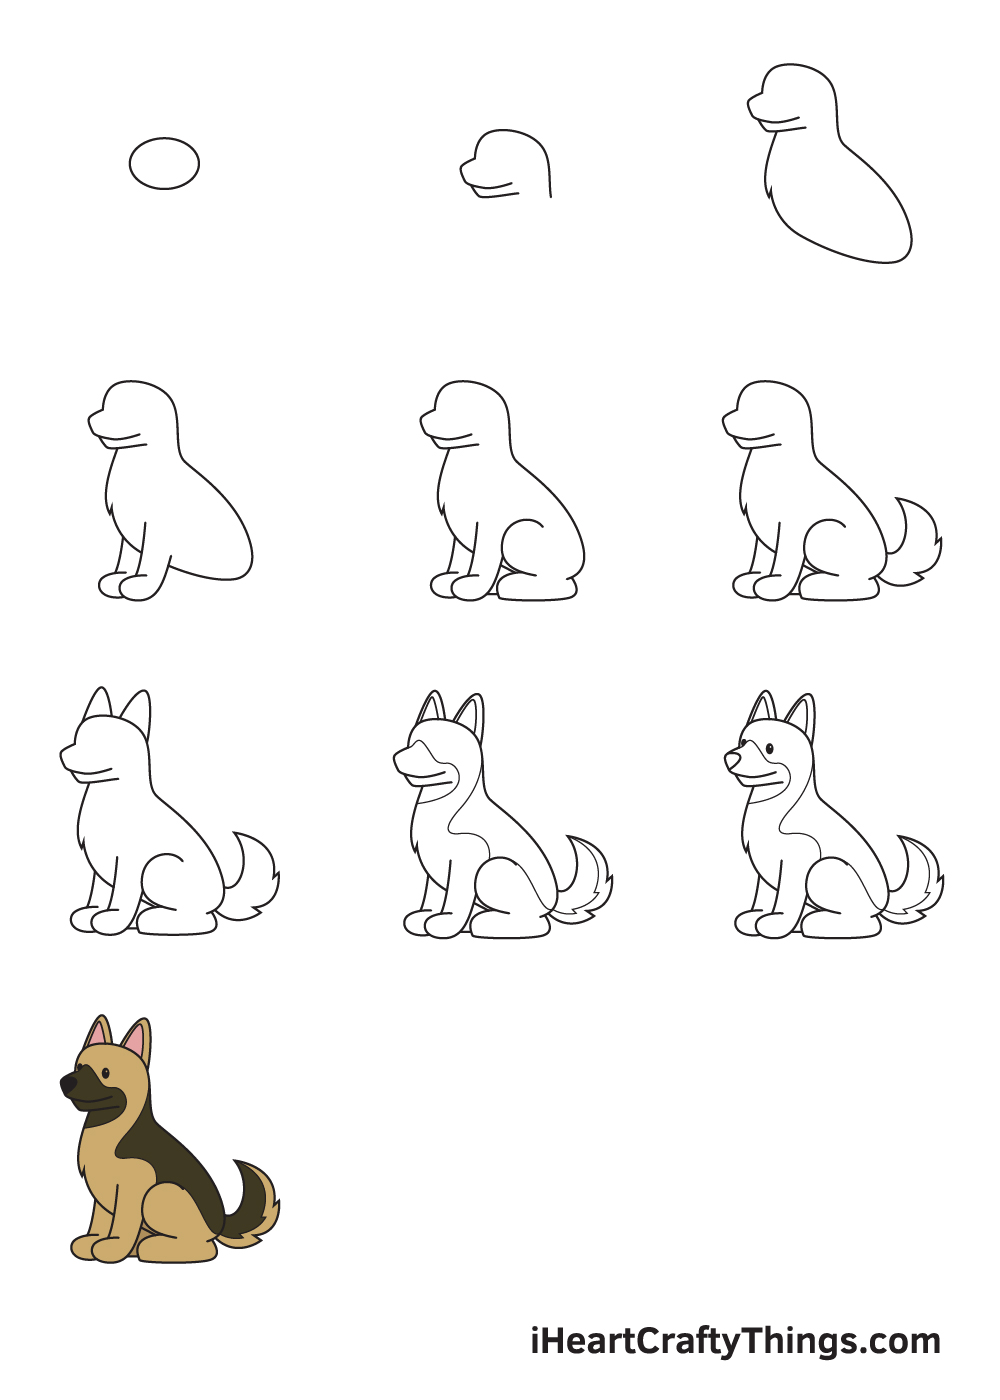 drawing German Shepherd in 9 steps